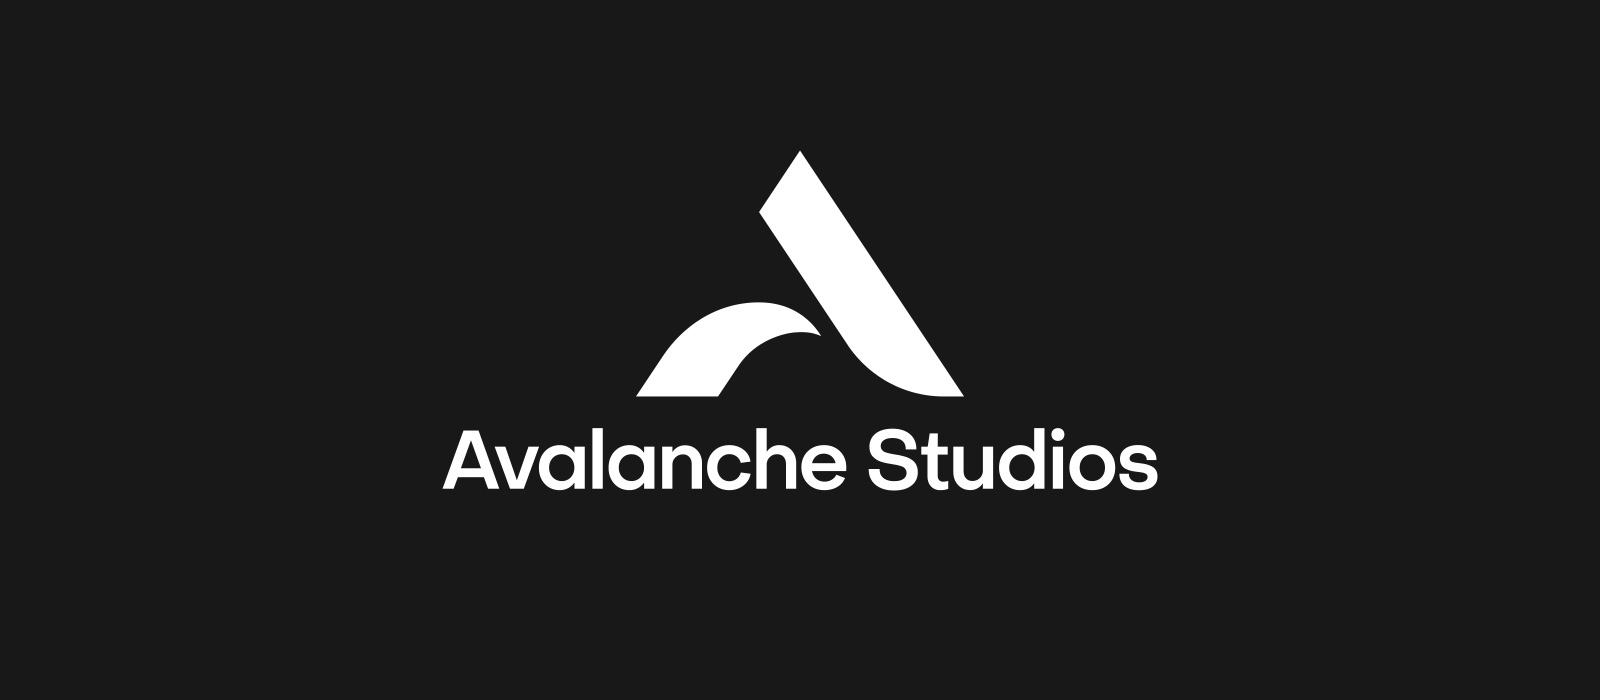 Avalanche делится на три студии и намекает на новый проект